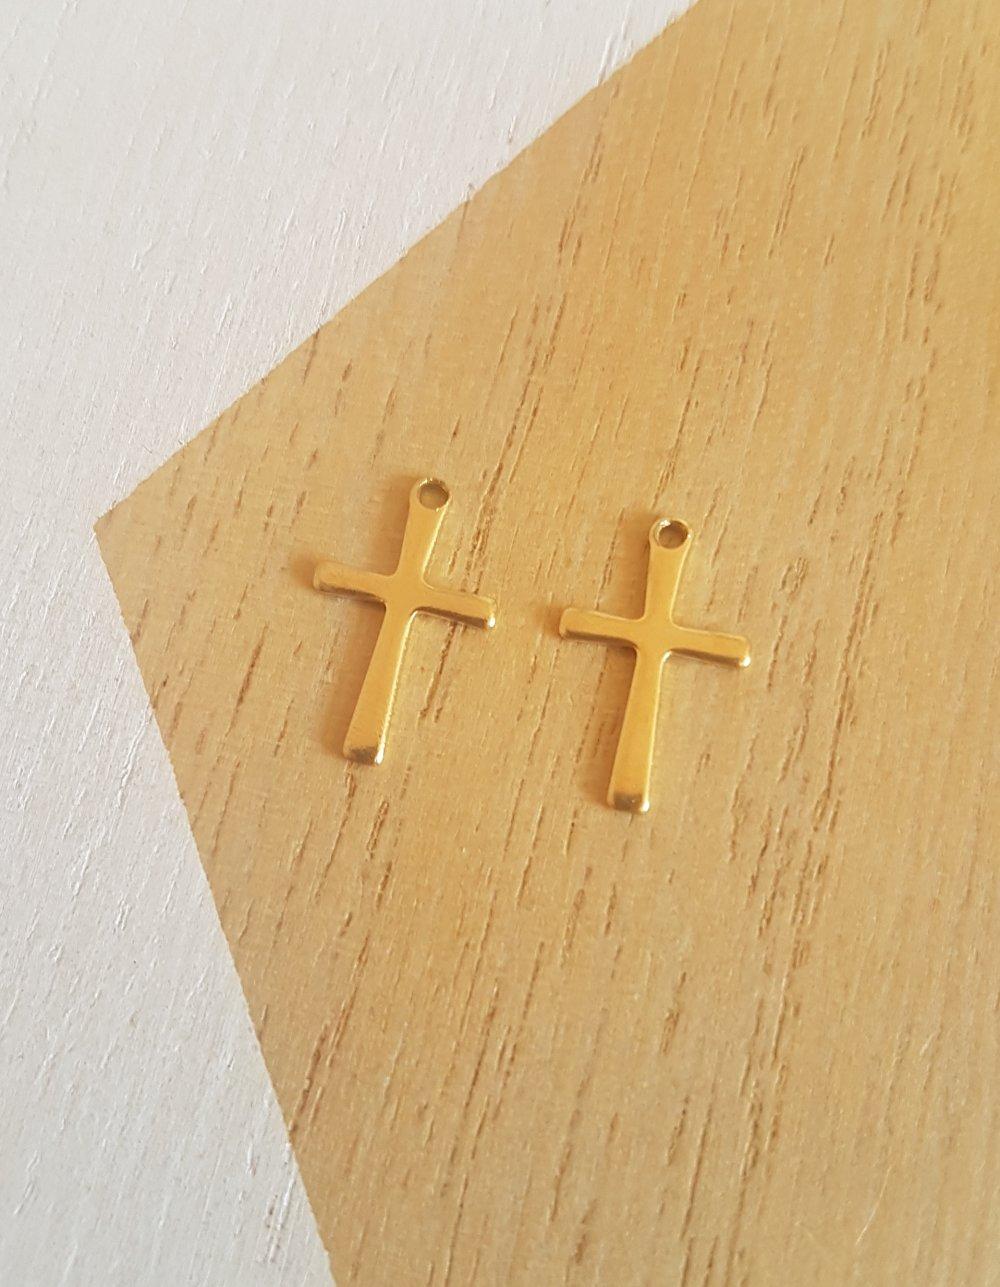 2 croix acier inoxydable, breloques mini croix doré 16mm